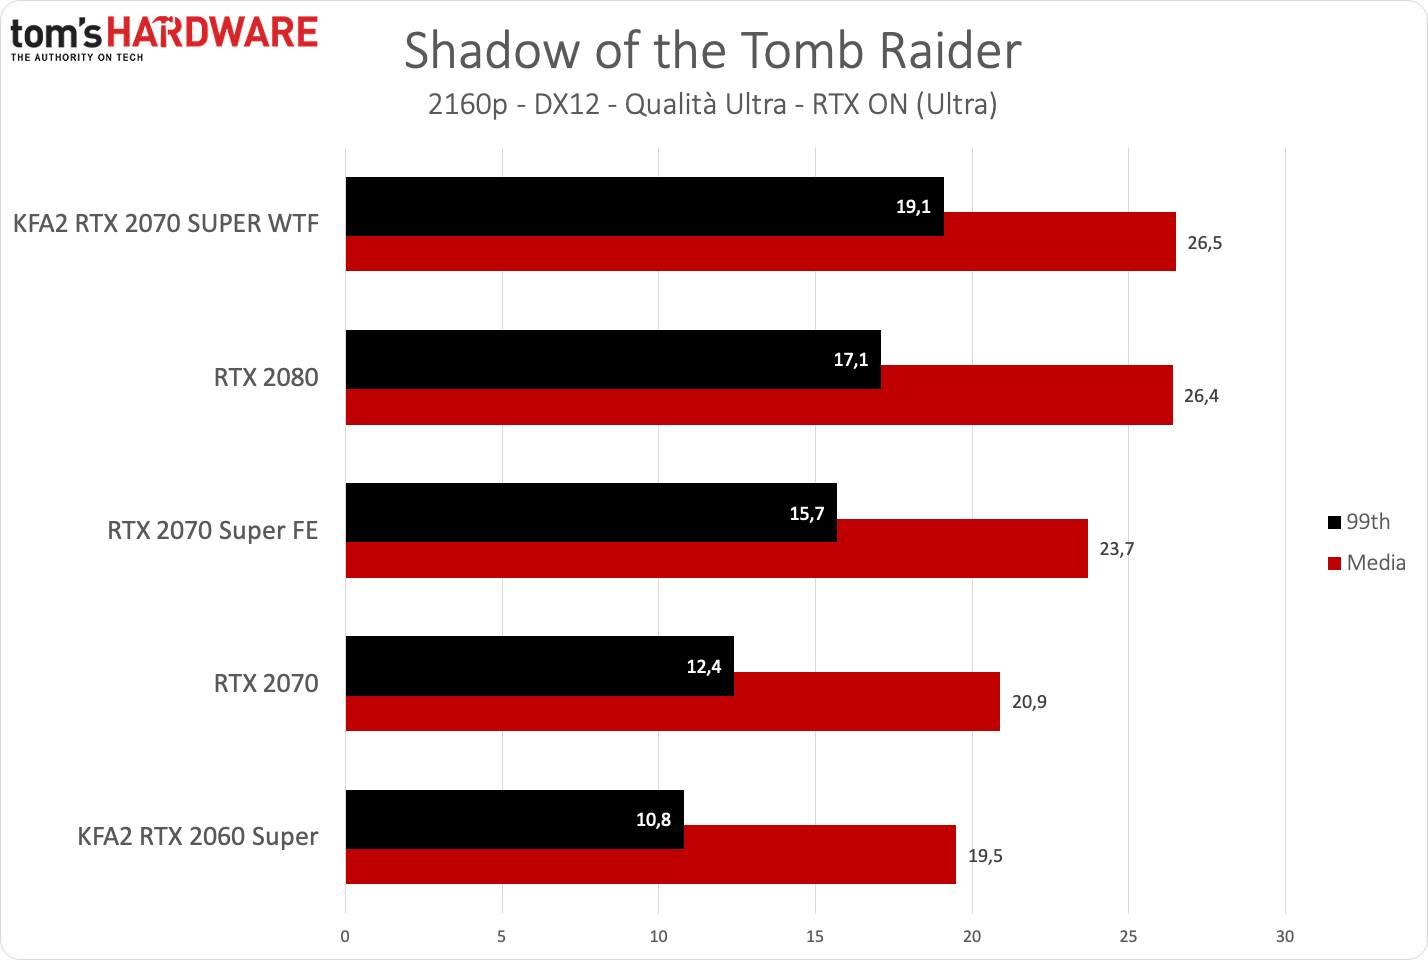 KFA2 RTX 2070 SUPER WTF - Tomb Raider UHD RTX